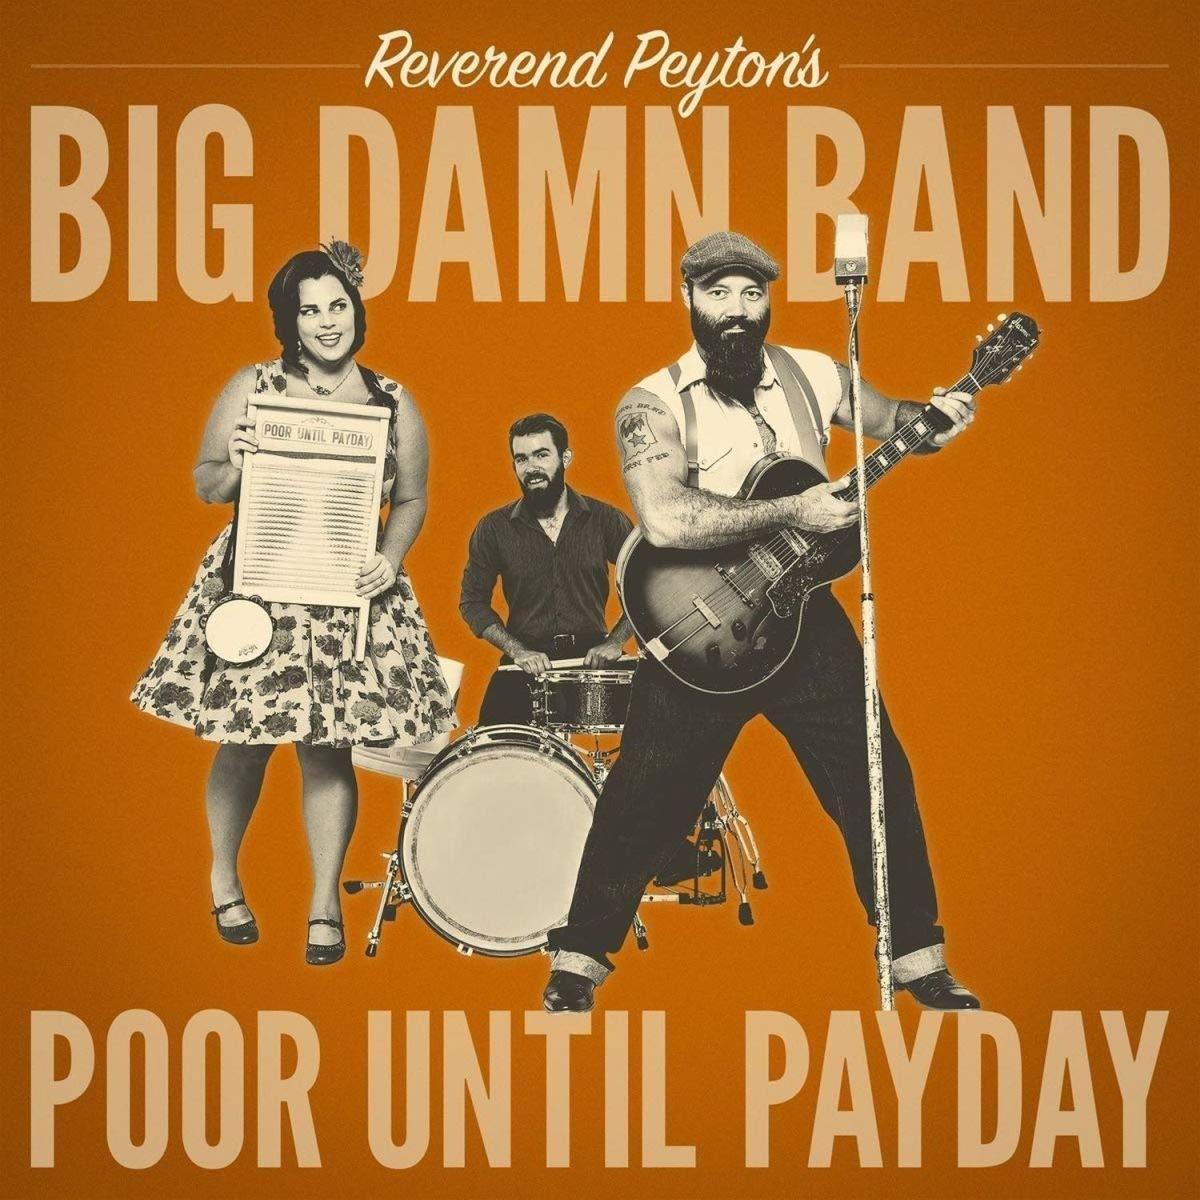 """Résultat de recherche d'images pour """"REVEREND PEYTON'S BIG DAMN BAND POOR UNTIL PAYDAY CD"""""""